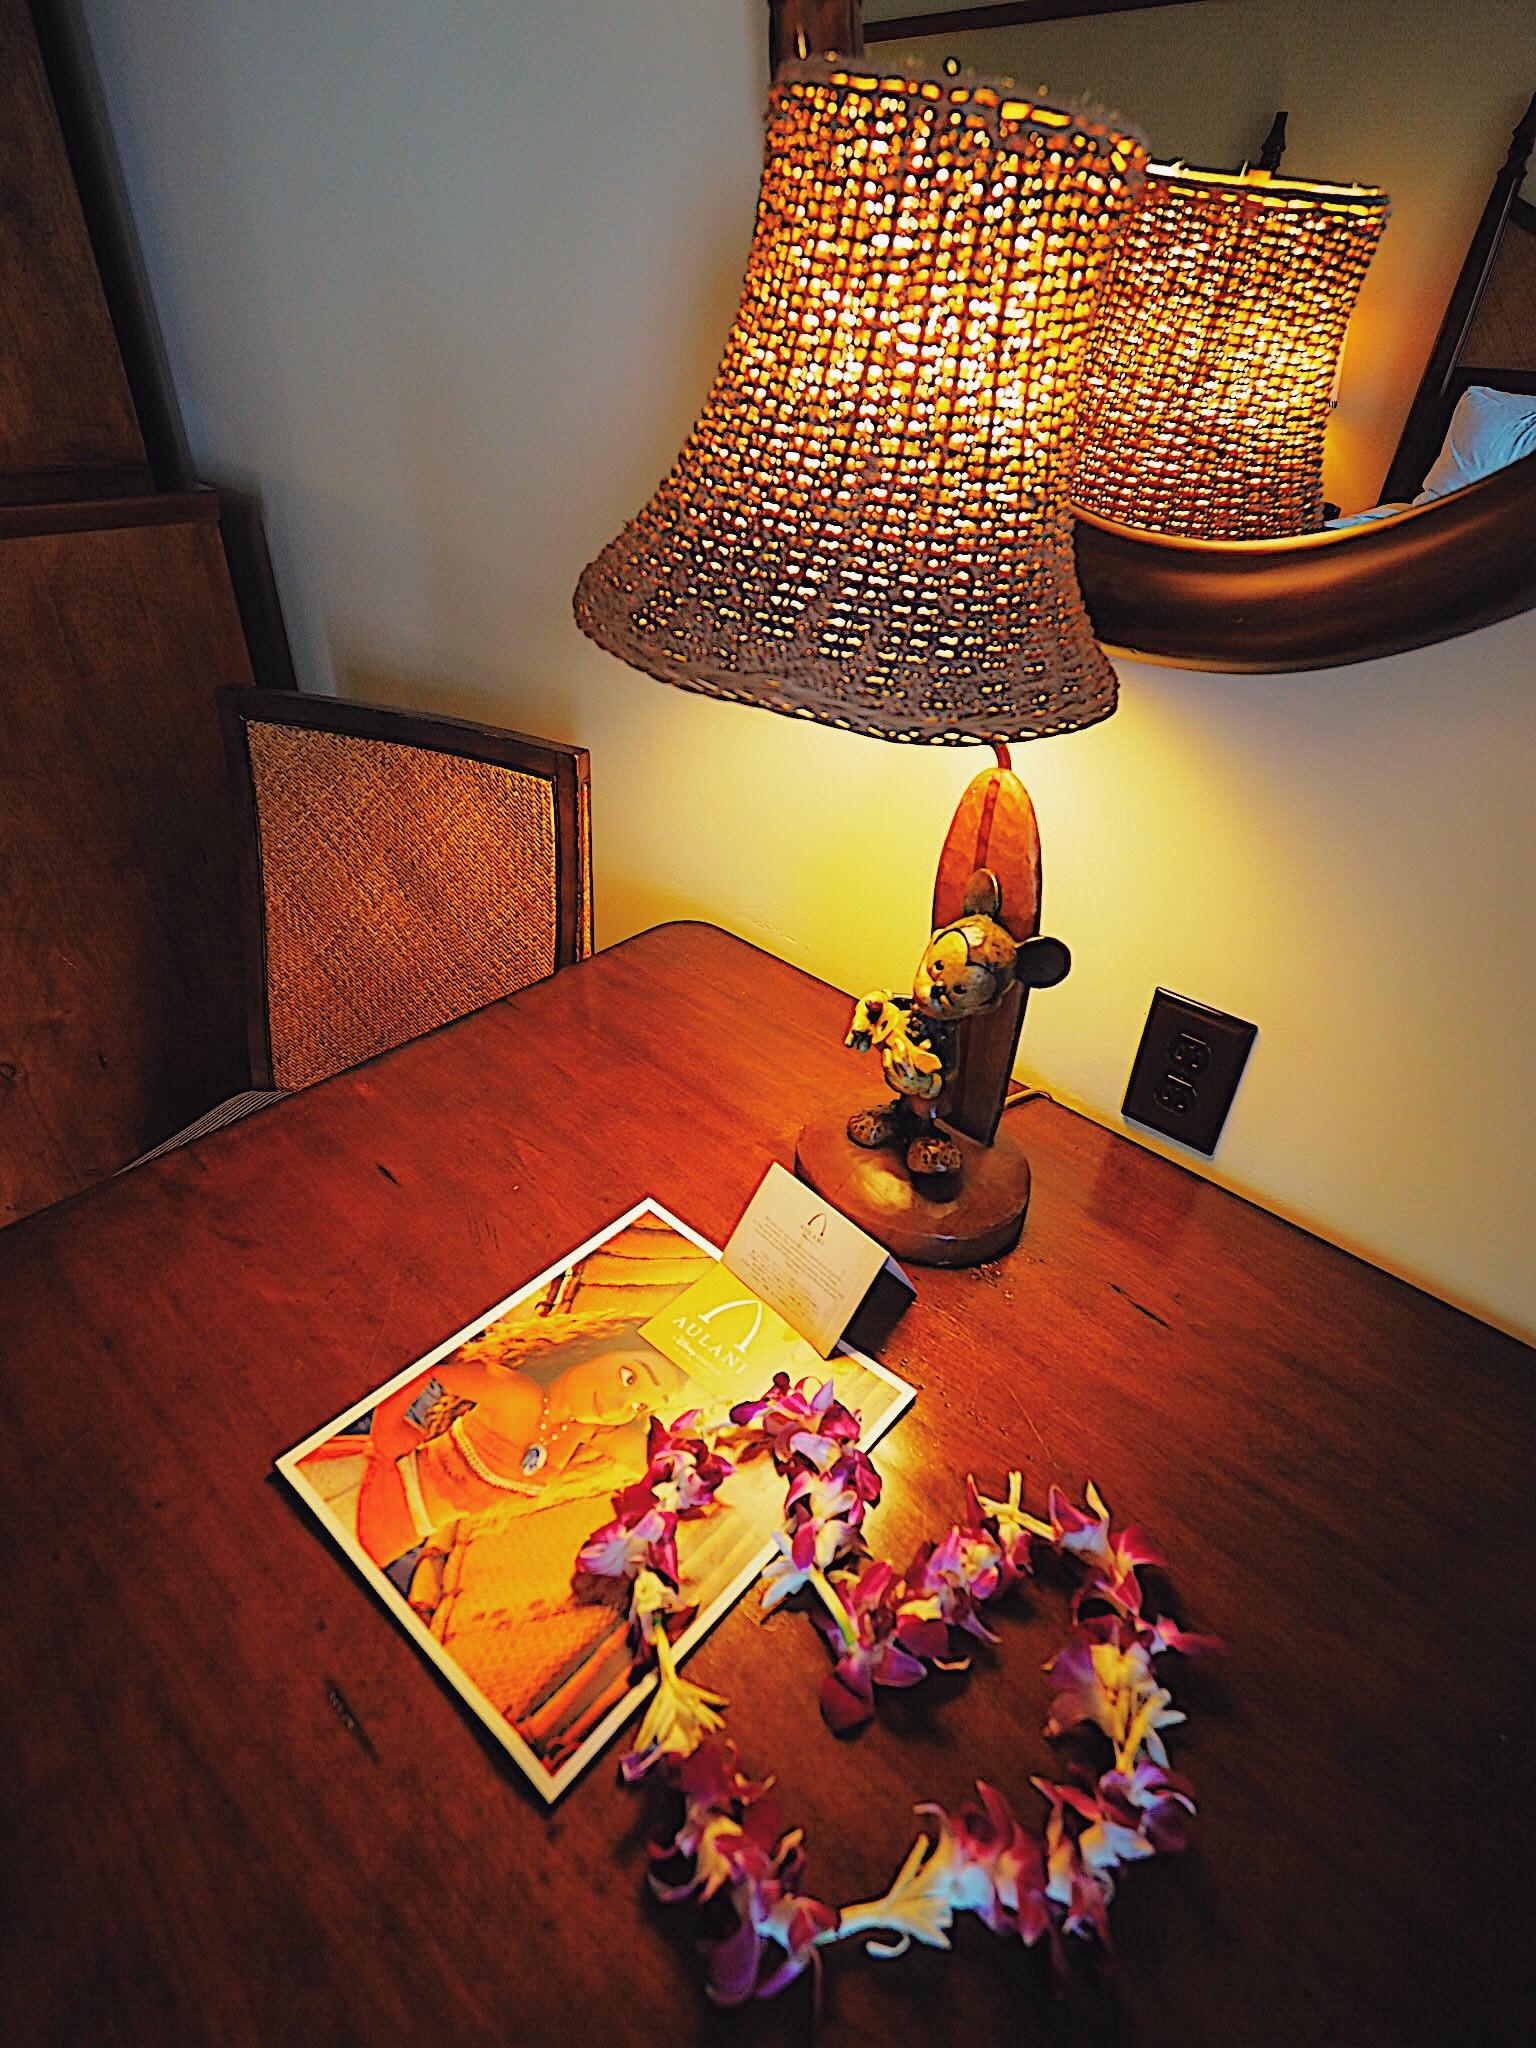 fcb0fe46 7c6d 48a1 a513 dca62df1002c - Aulani, A Disney Resort & Spa  - 家族で、女子旅で泊まりたい!ディズニーマジックのかかったハワイのリゾート